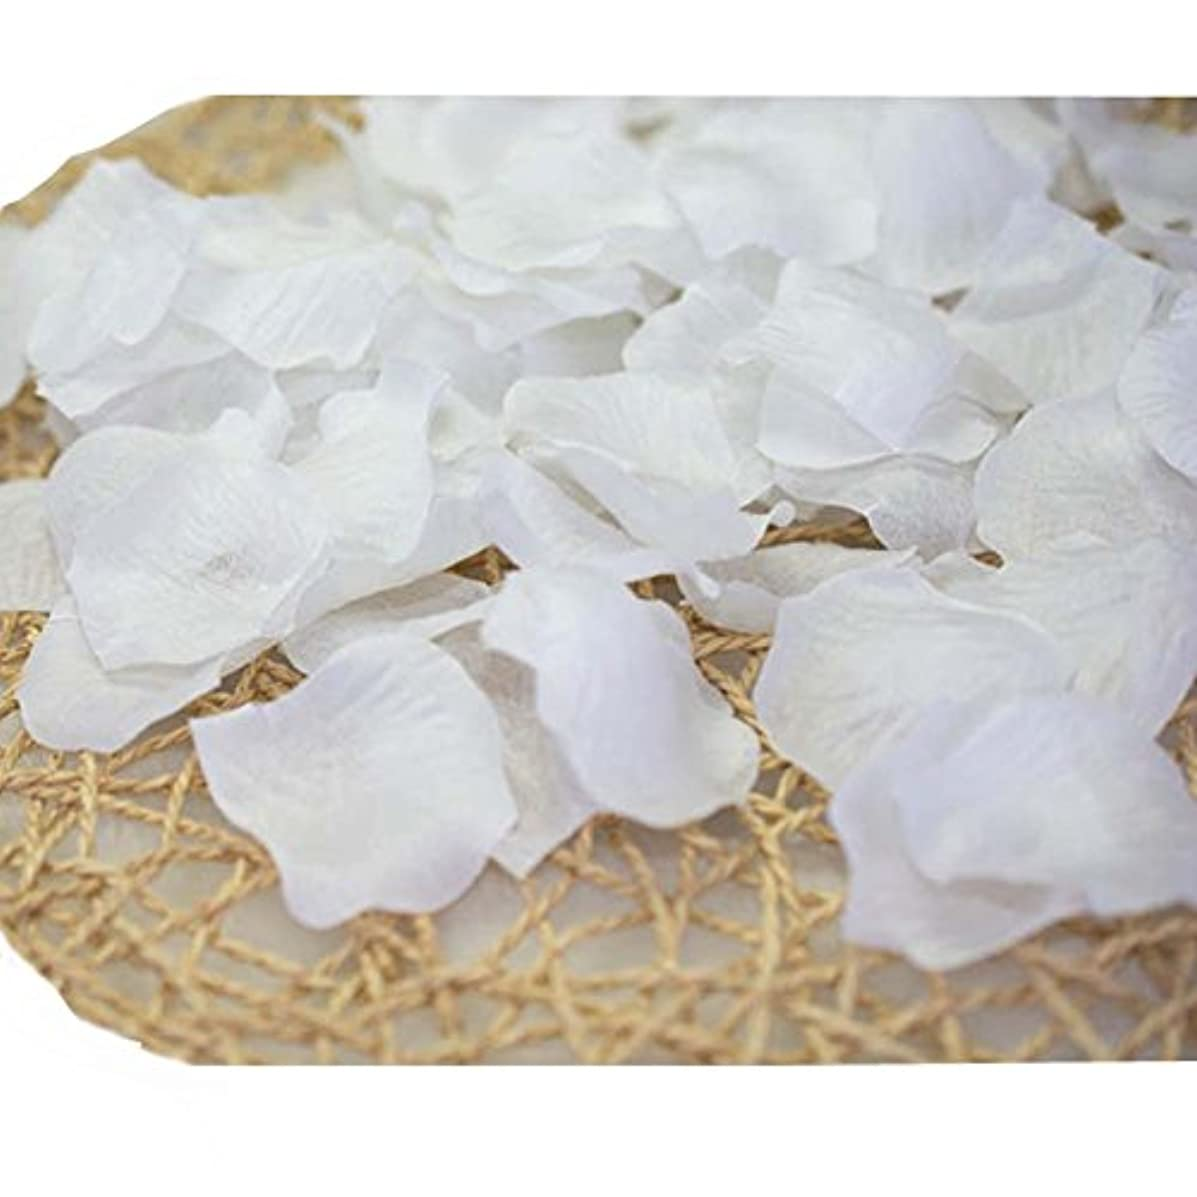 ペルー収容する同僚結婚式のための人工花びら白840のセット